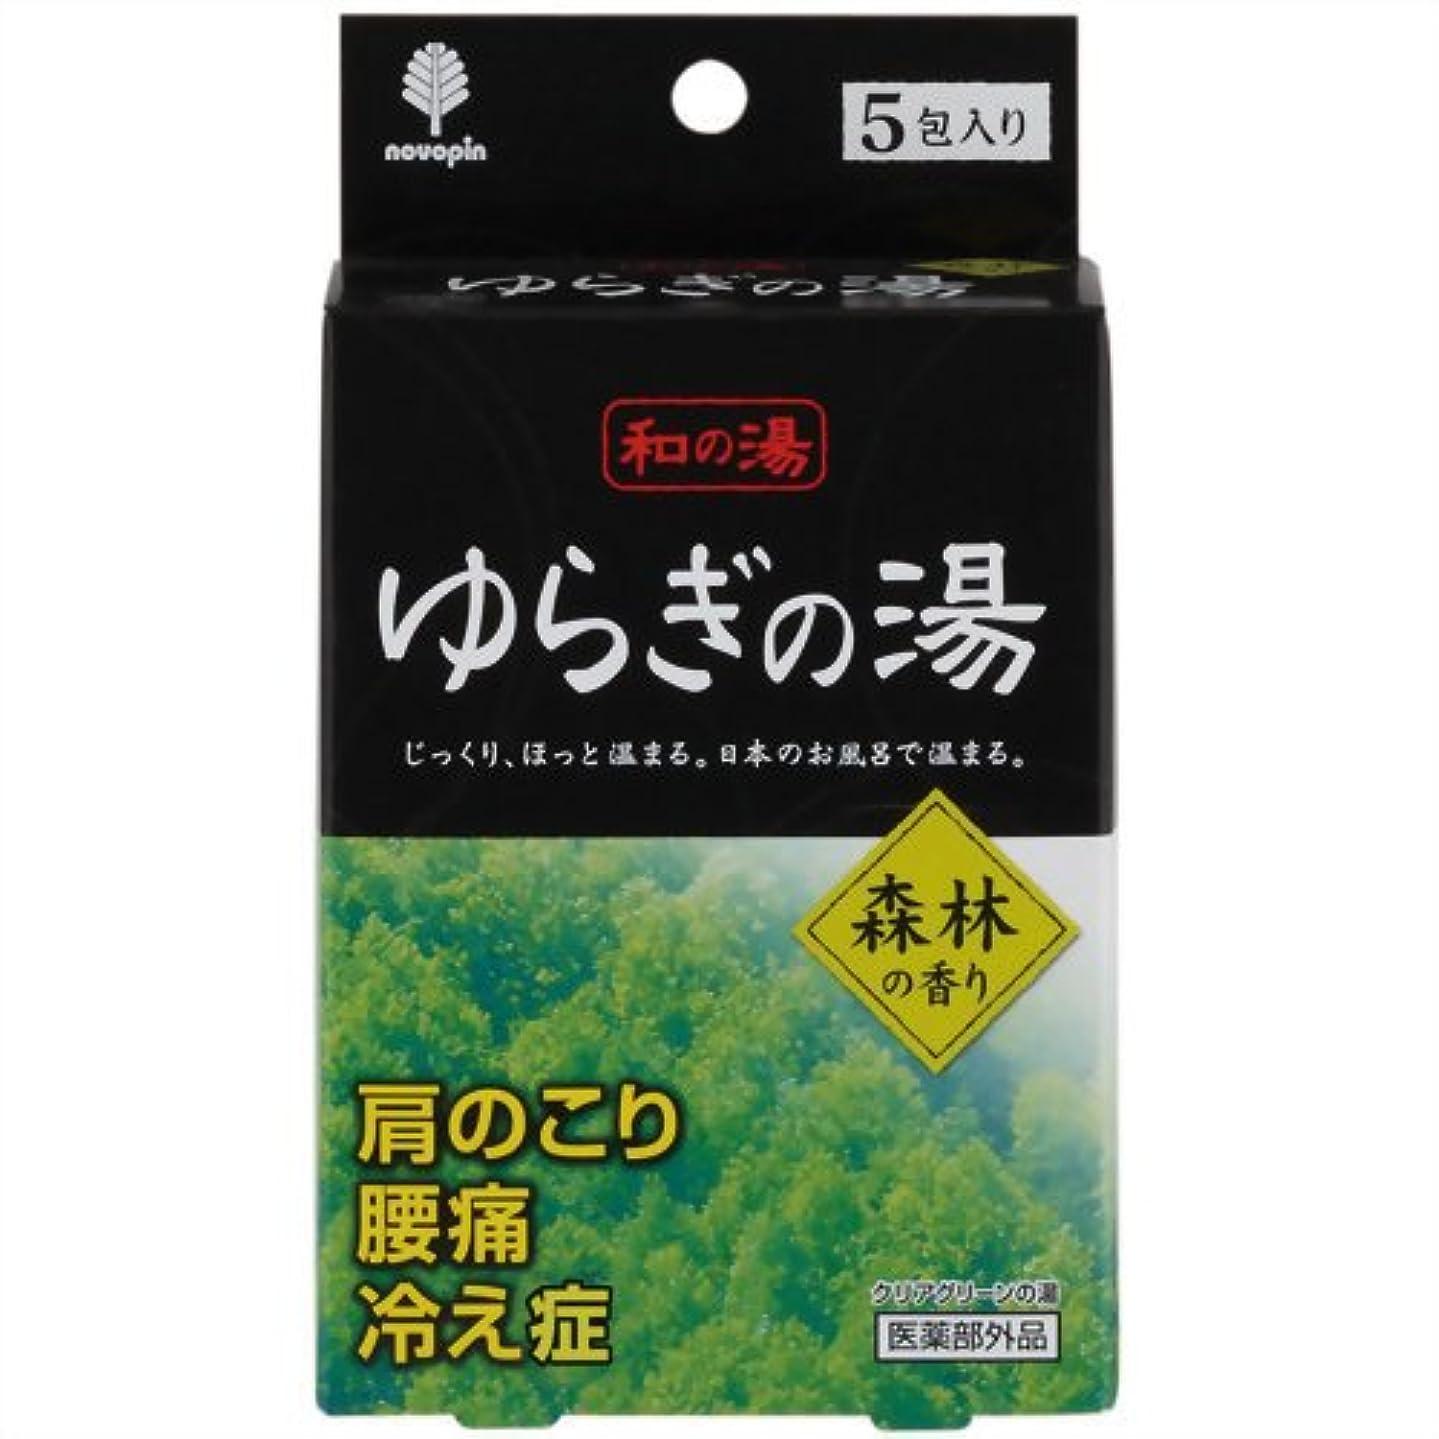 残り物競う見捨てるゆらぎの湯 森林の香り 25g×5包入